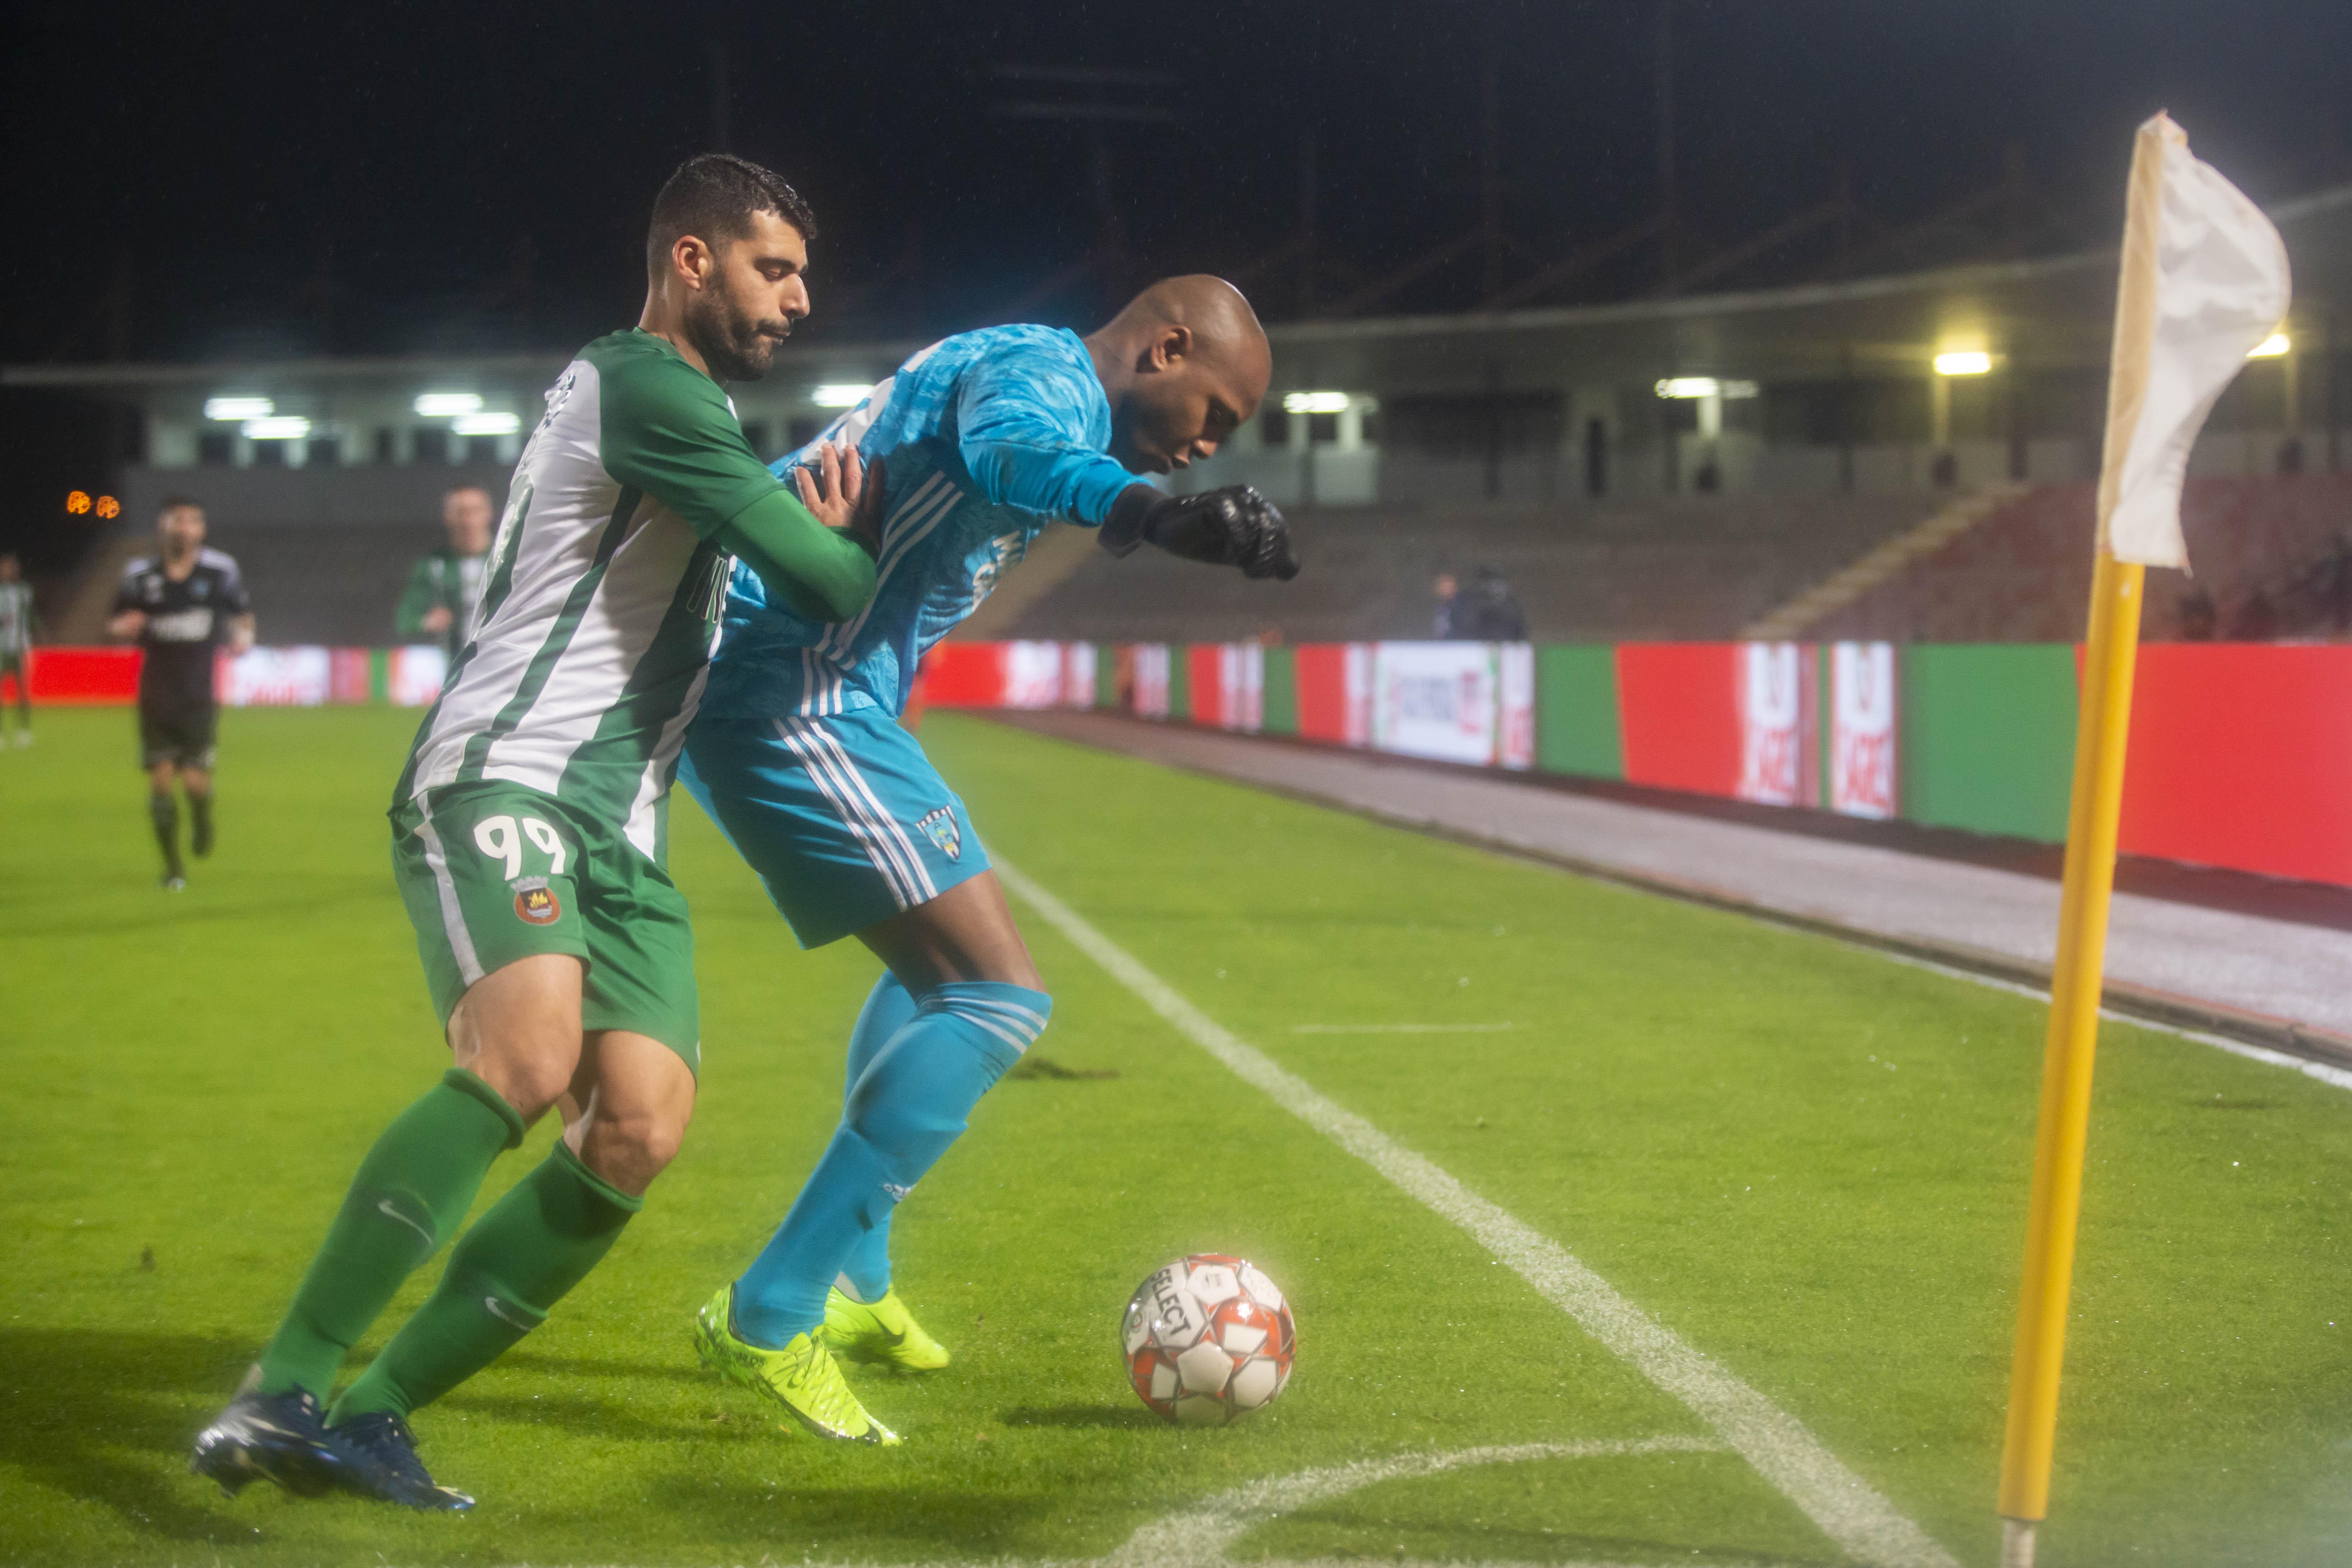 Rio Ave segue para os quartos-de-final da Taça de Portugal, mas o Marinhense mostrou argumentos